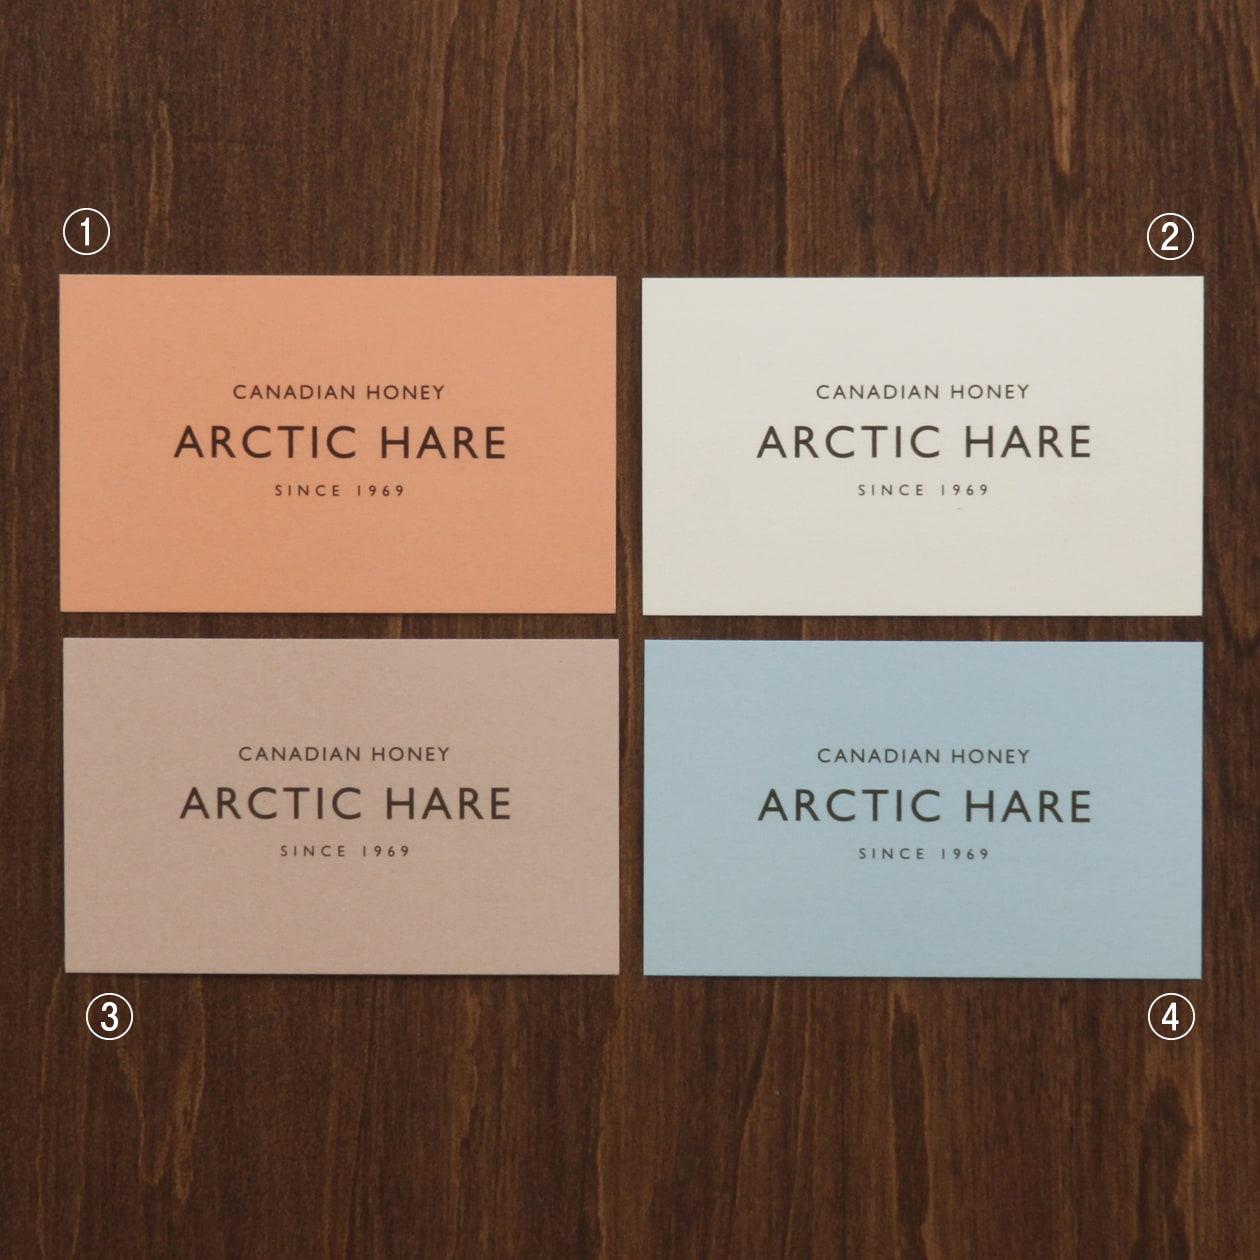 ハチミツ専門店のショップカード